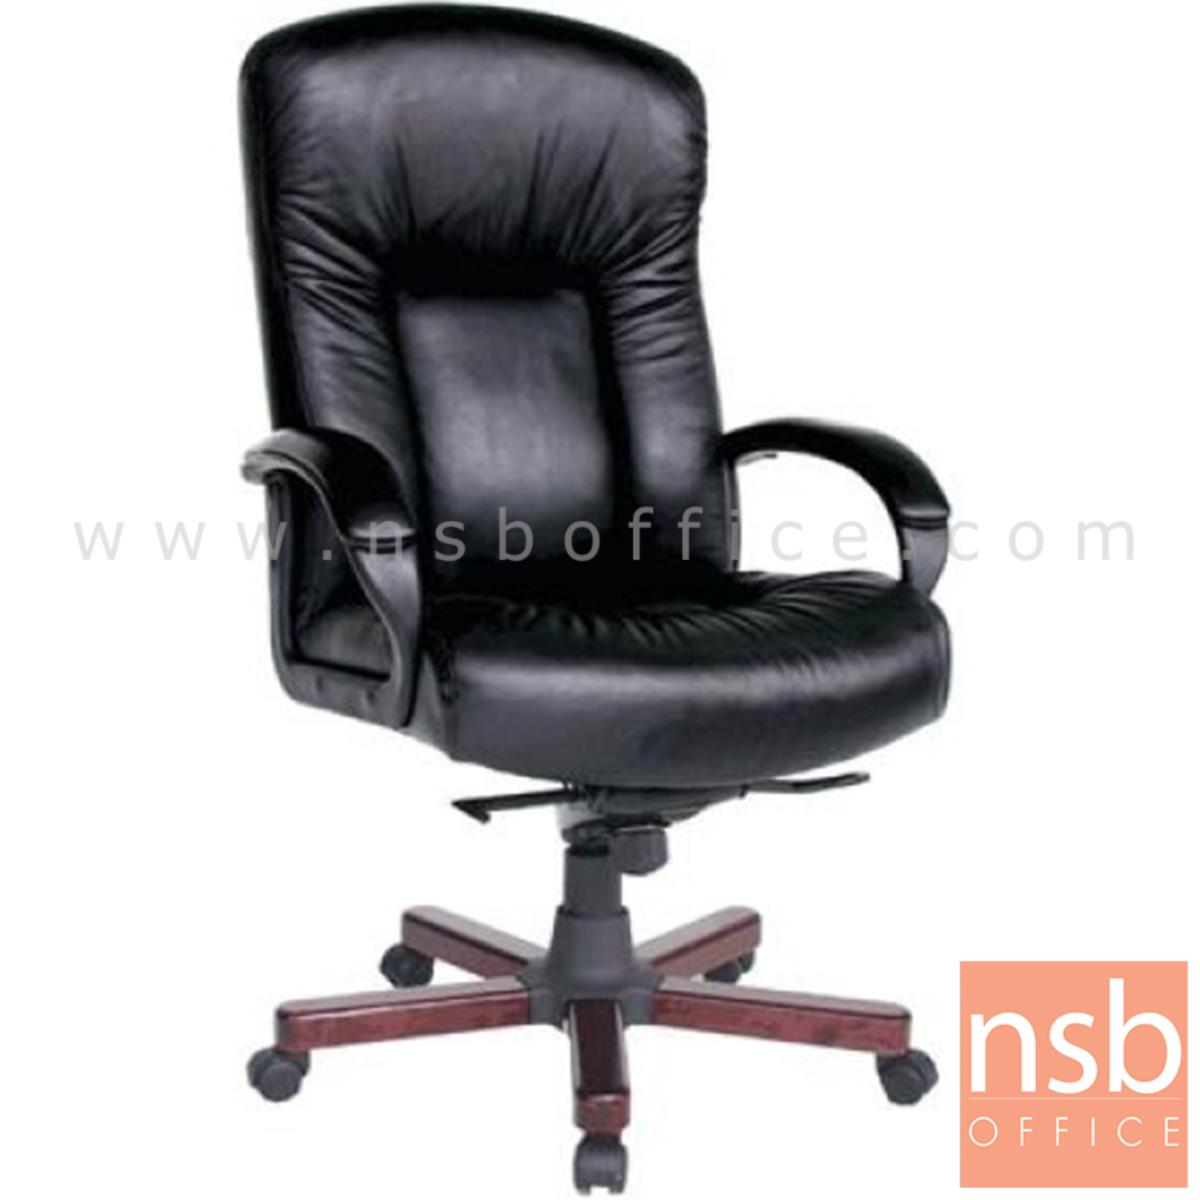 B01A361:เก้าอี้ผู้บริหารหนังเทียม รุ่น Blarney (แบร์นี่)  โช๊คแก๊ส มีก้อนโยก ขาไม้